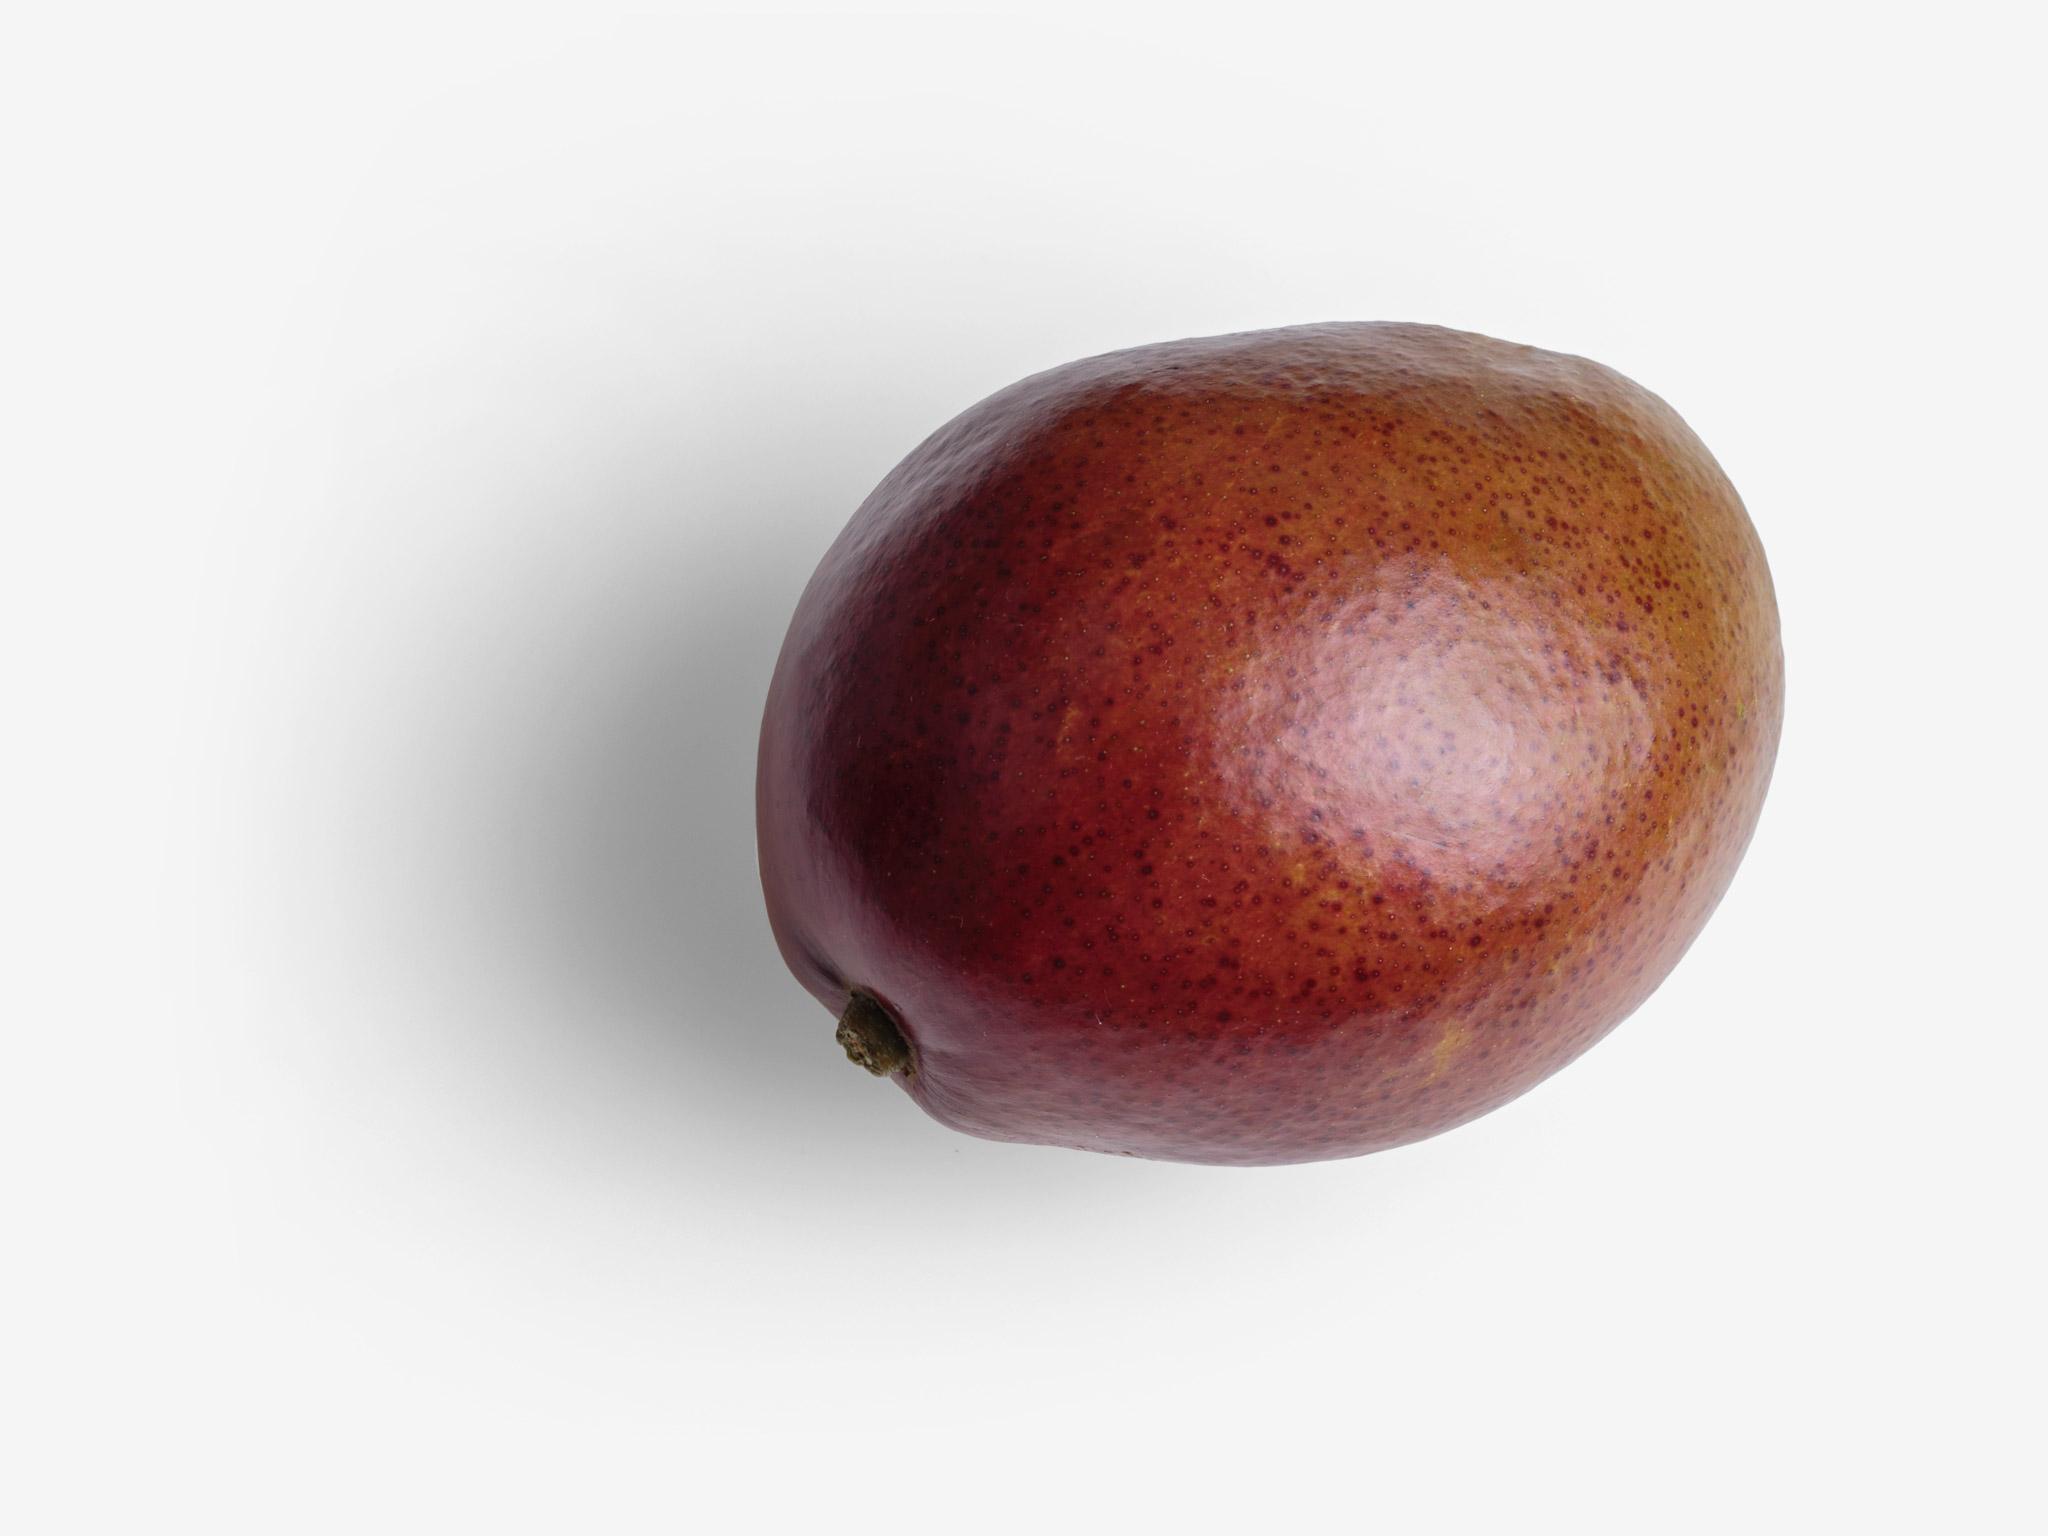 Mango PSD layered image